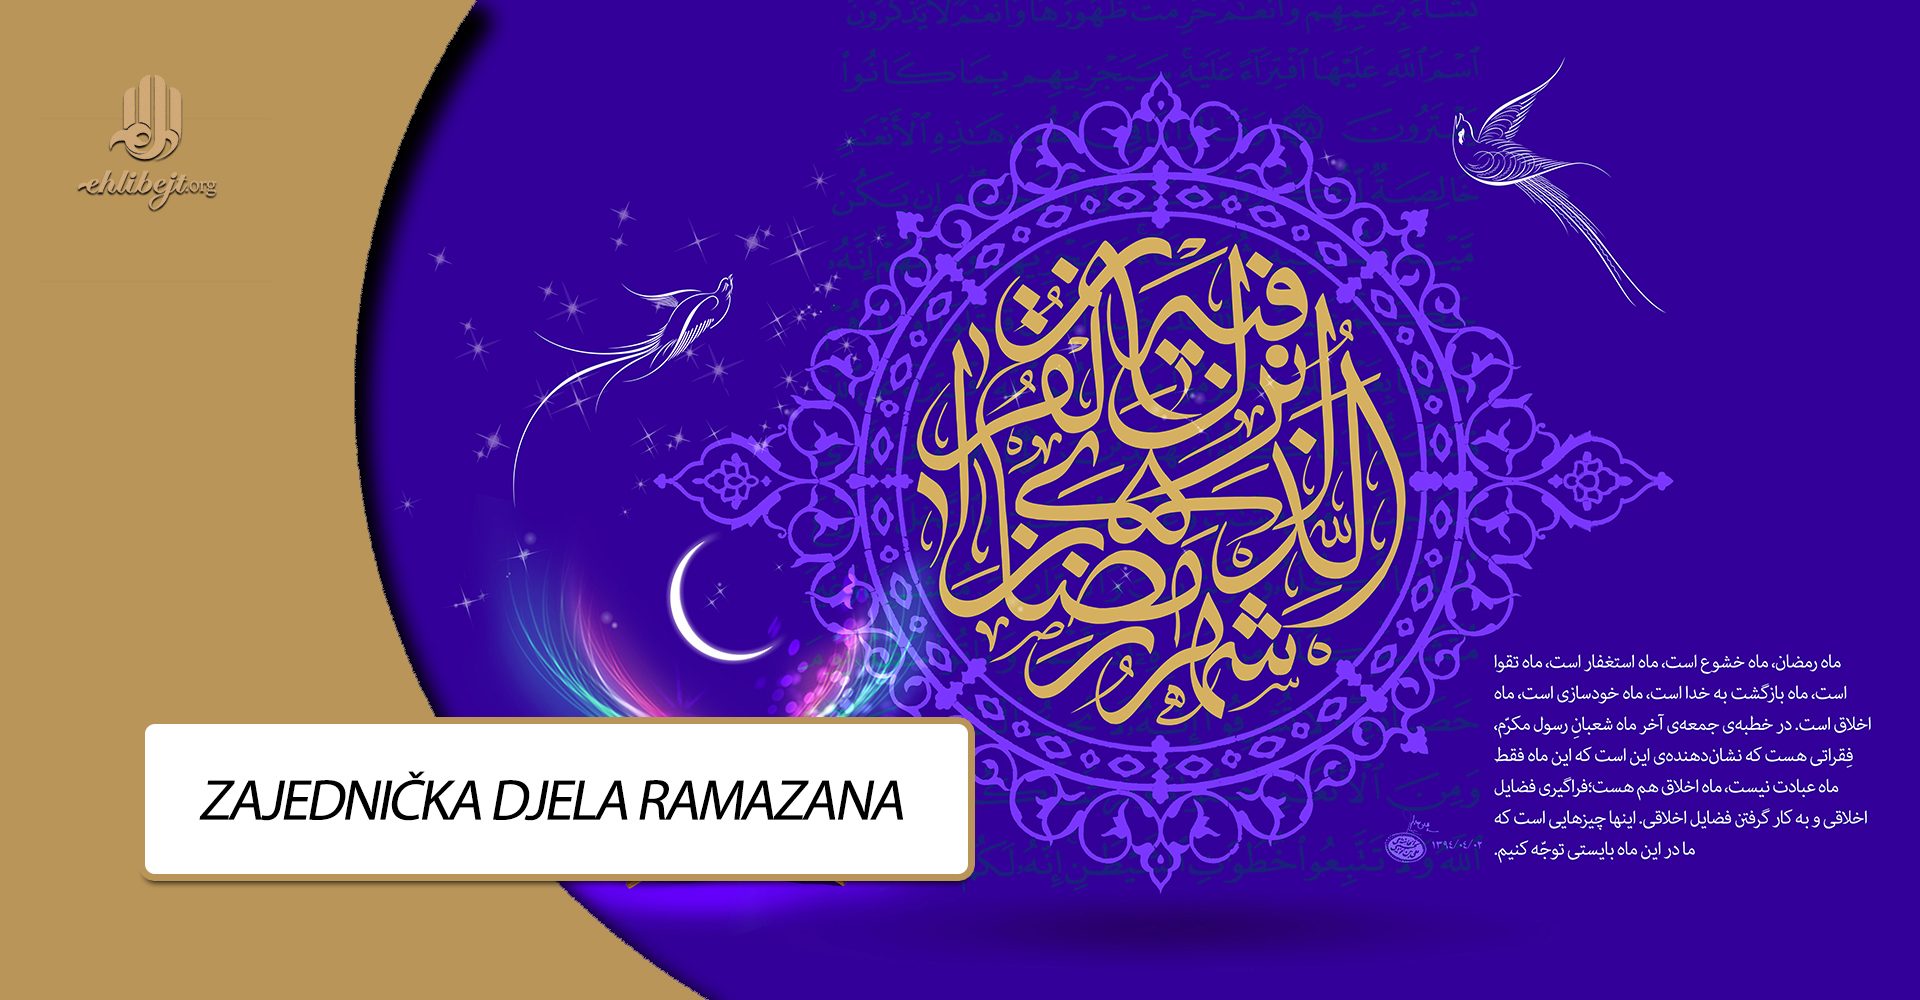 Zajednička djela ramazana